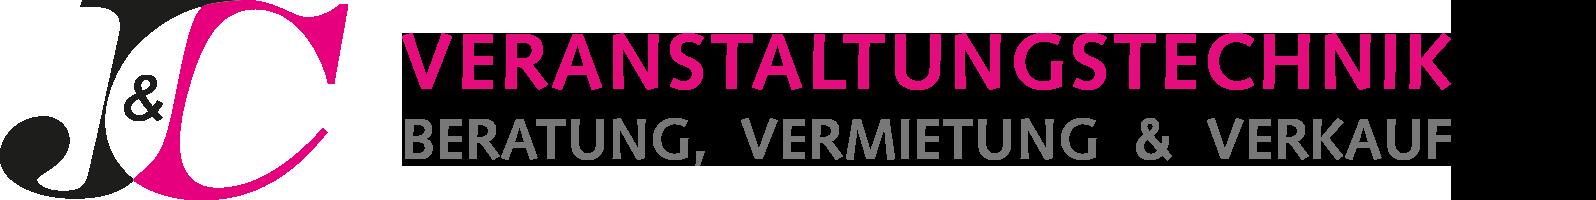 J&C Veranstaltungstechnik Konstanz